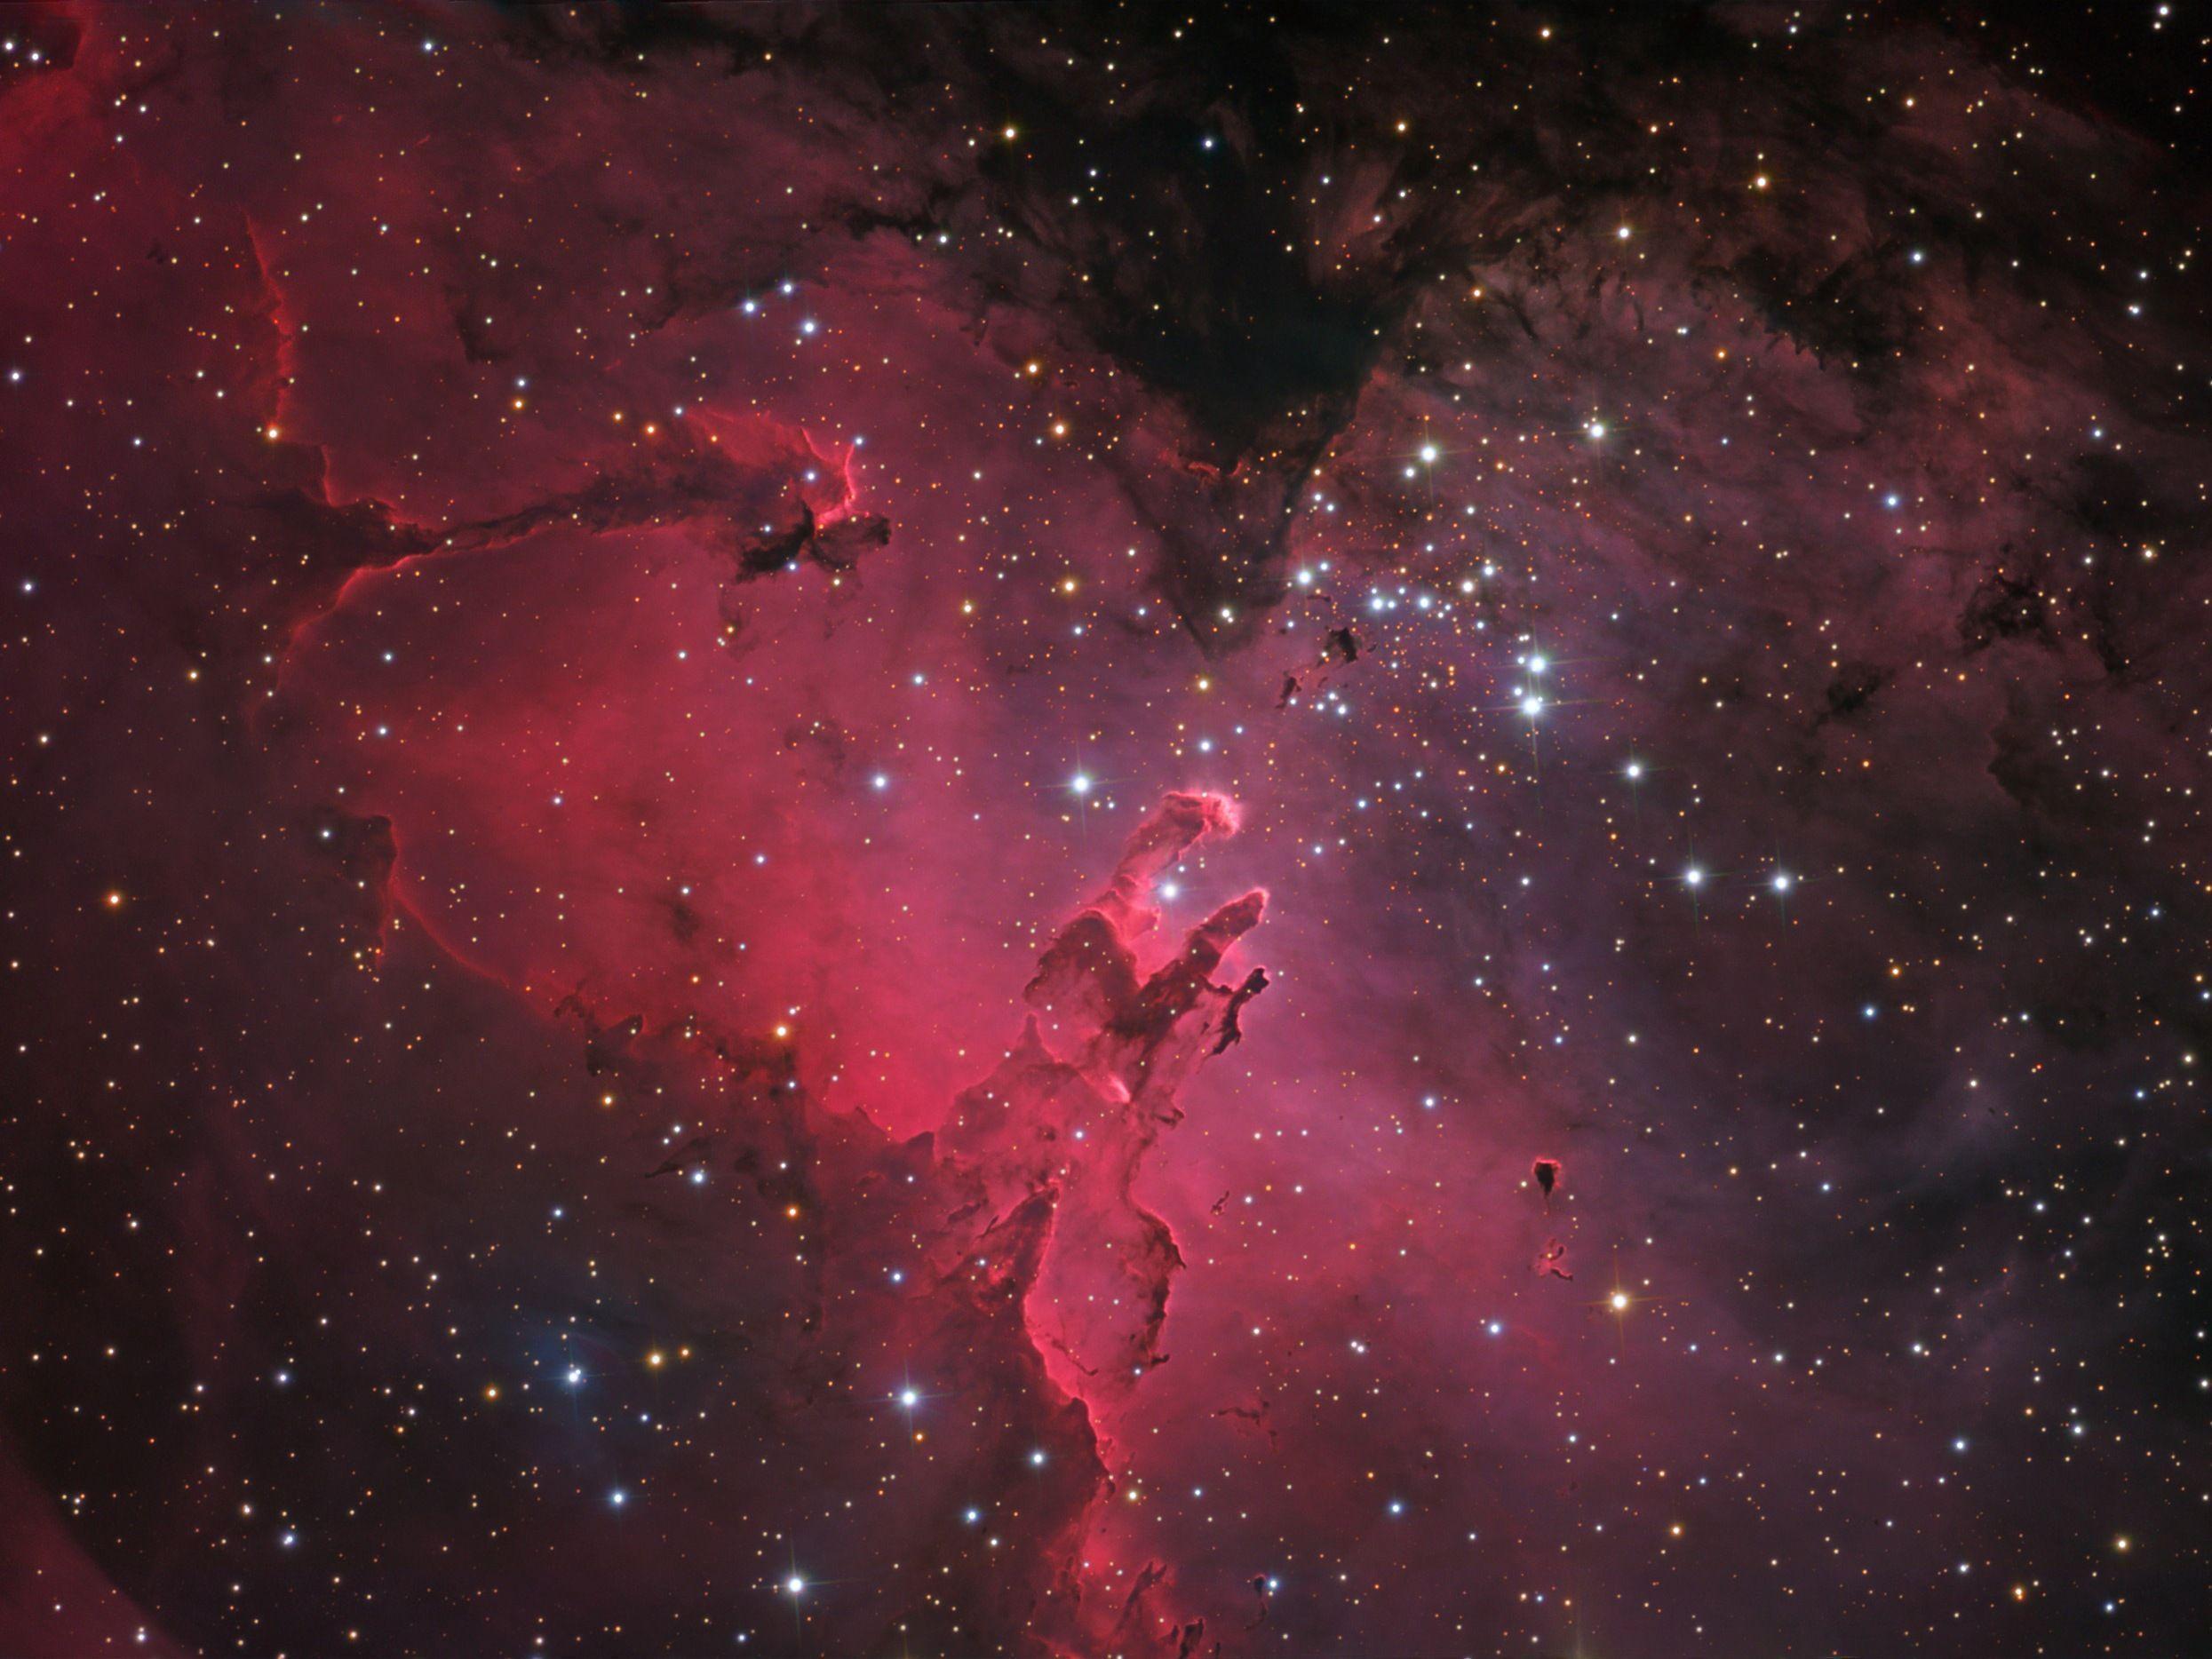 eagle nebula wallpaper - photo #20